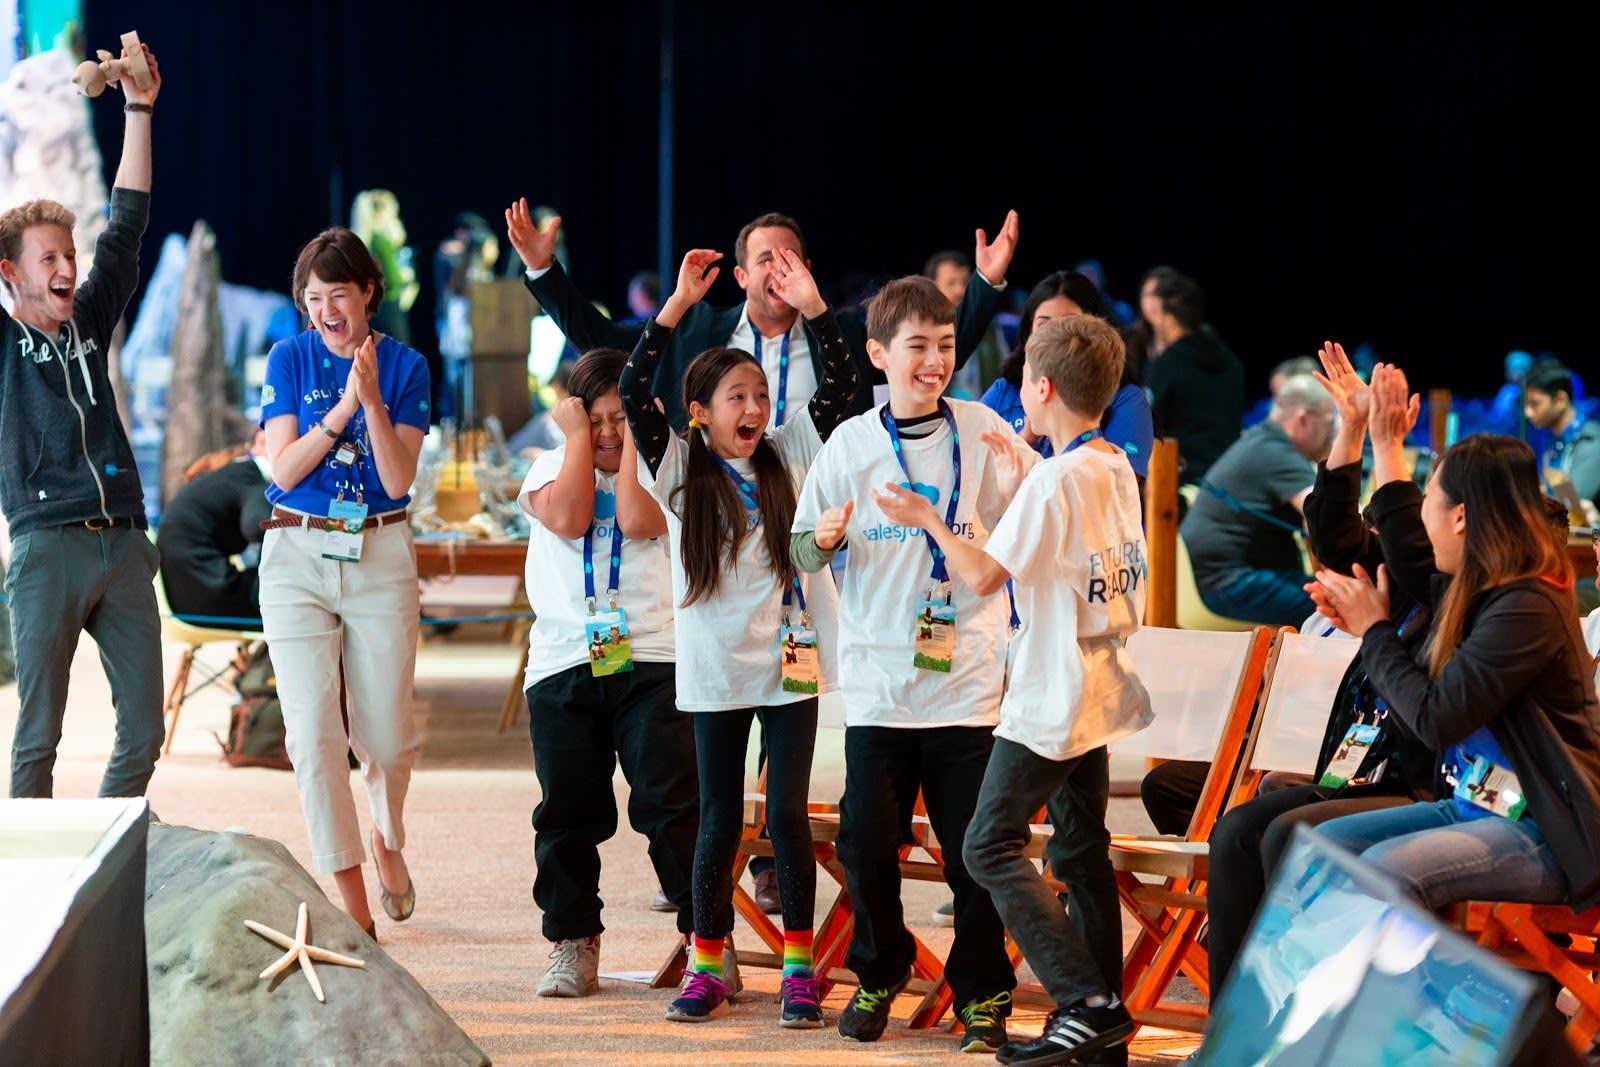 A equipe vencedora, Denman Middle School, comemora sua vitória no TrailheaDX 2019.